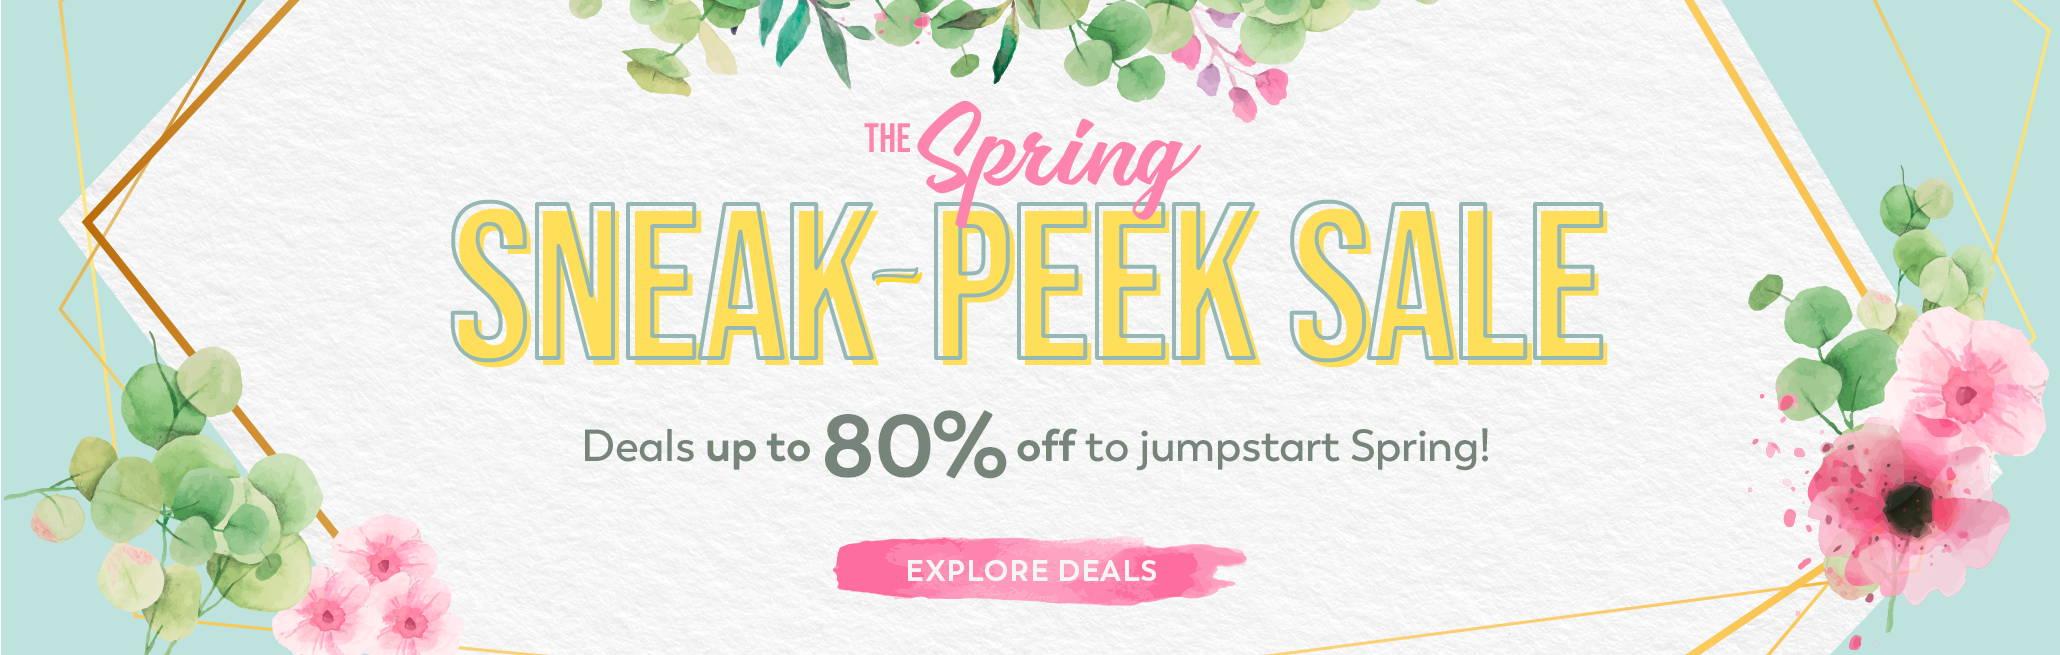 The Spring Sneak-Peek Sale